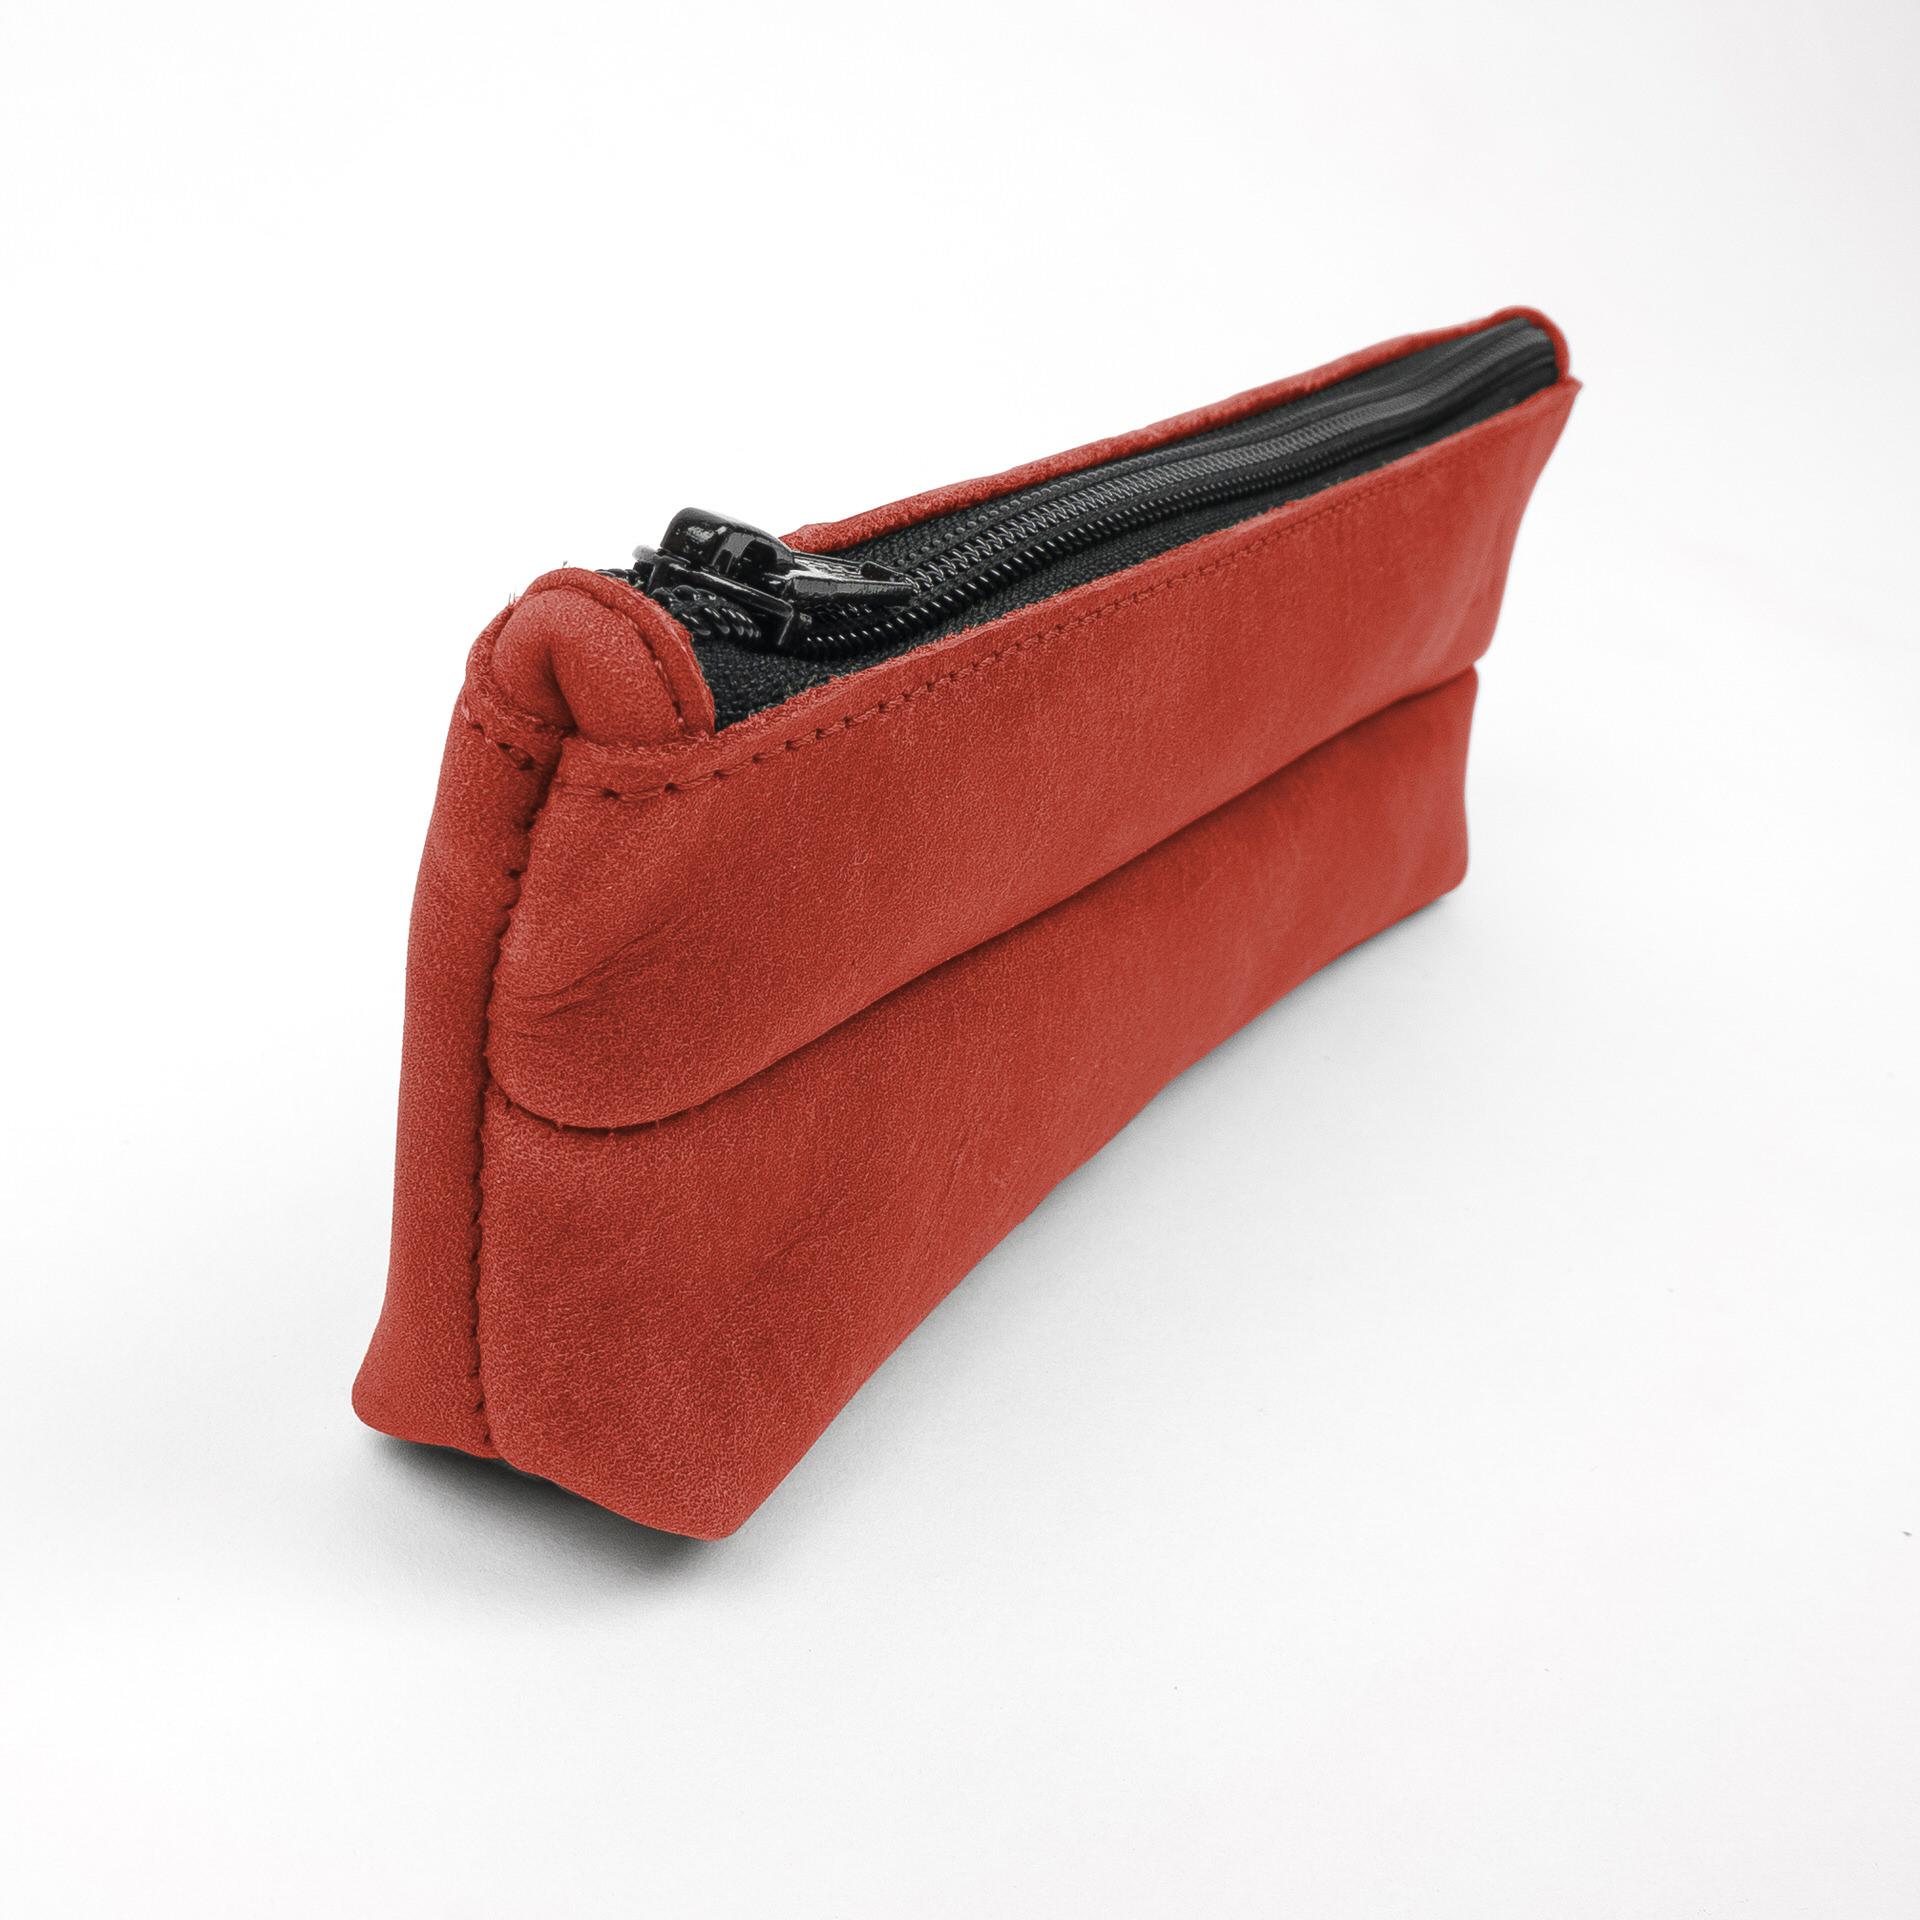 Stifteetui PEN aus nachhaltigem Naturleder in Rot seitlich fotografiert